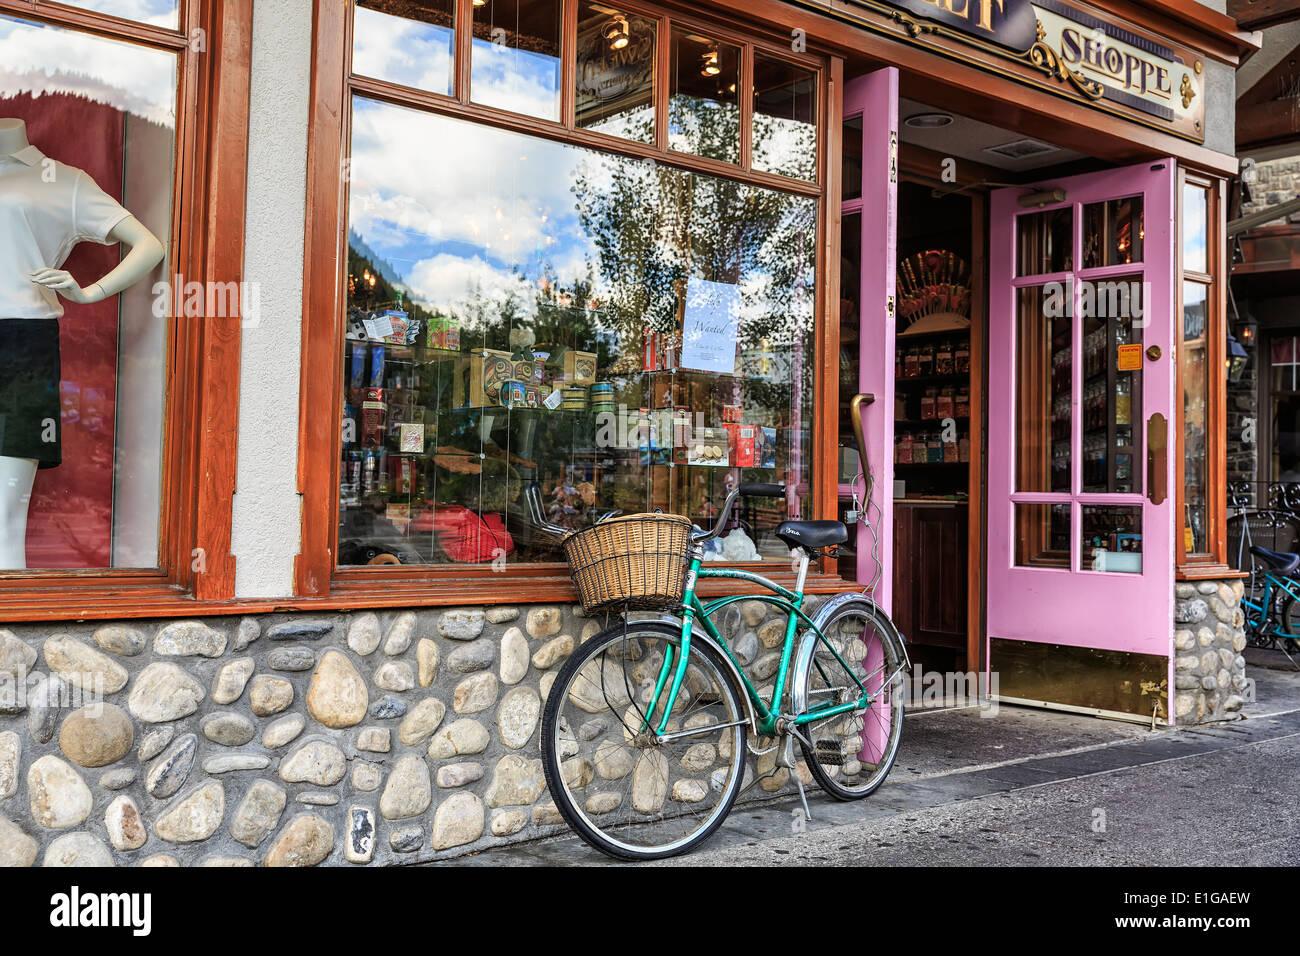 Cruiser vélo avec panier à l'extérieur d'une vitrine, Banff, Alberta, Canada Banque D'Images